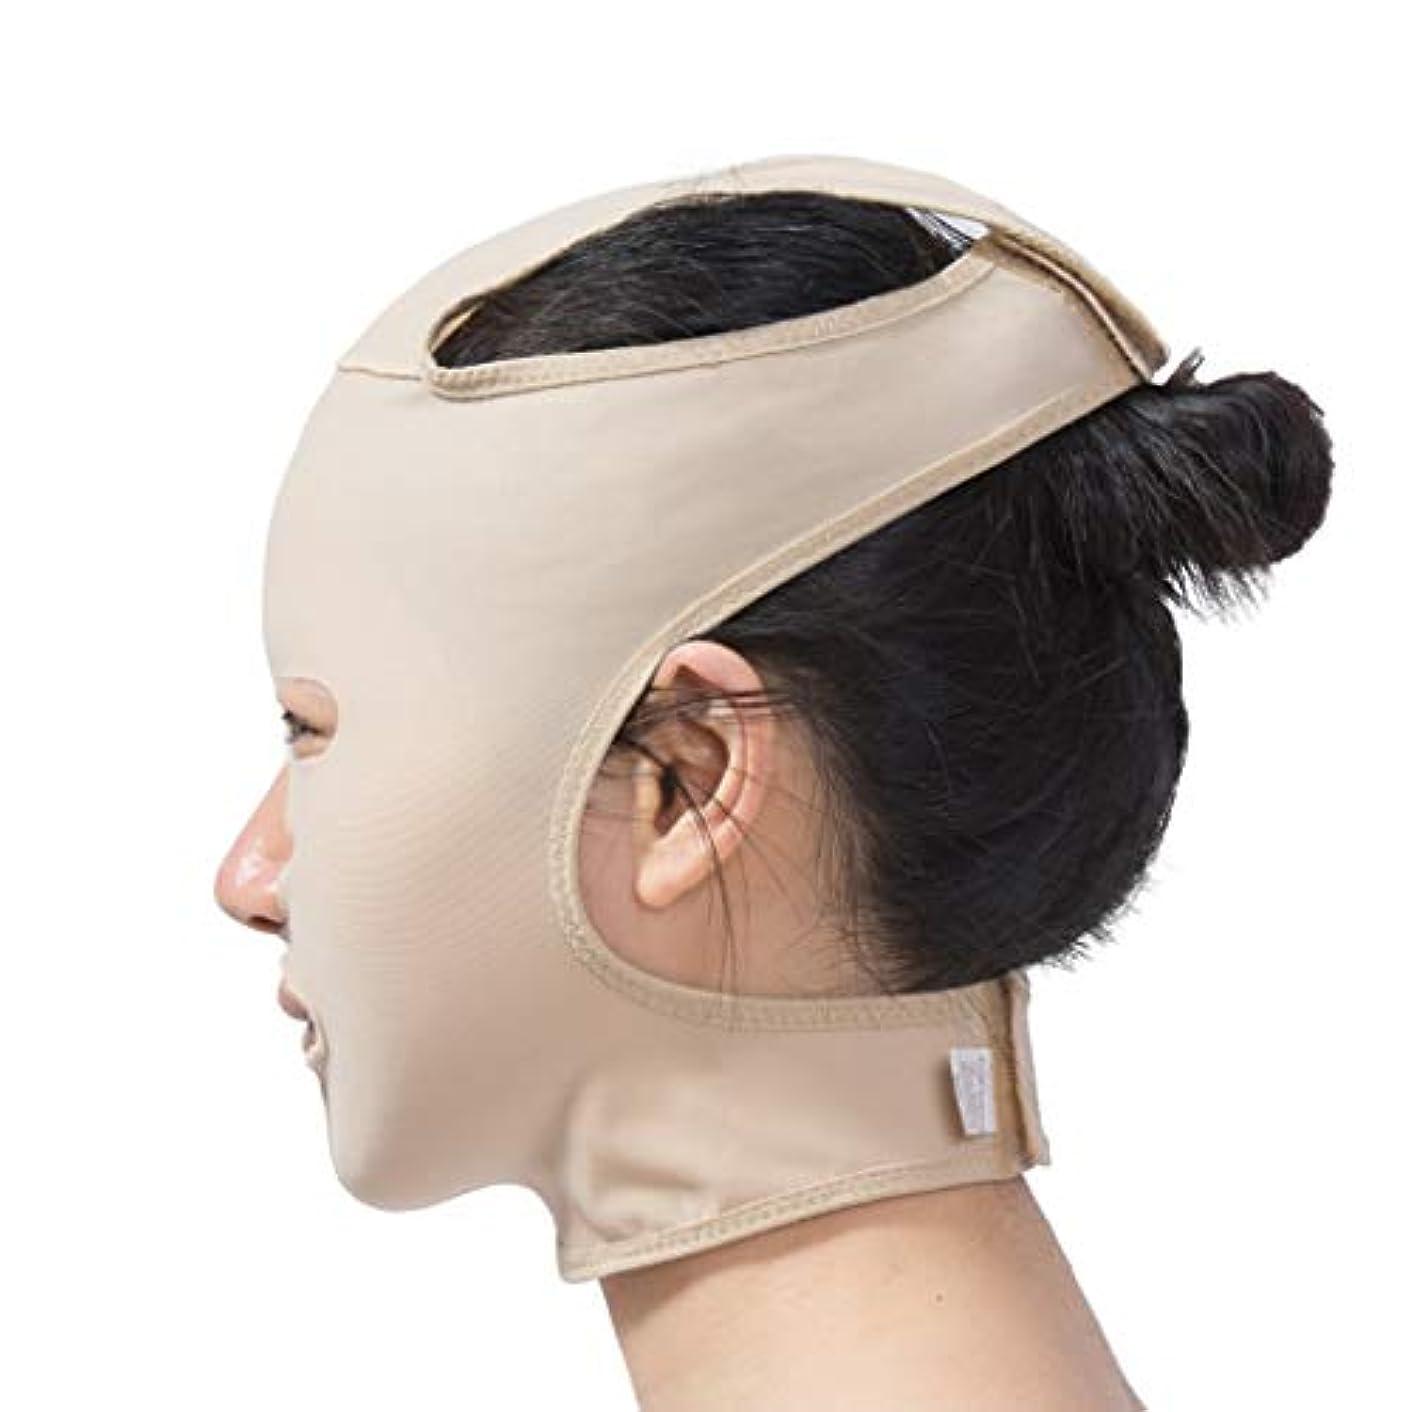 お祝い宿泊バッグXHLMRMJ フェイスリフトマスク、フルフェイスマスク医療グレード圧力フェイスダブルチンプラスチック脂肪吸引術弾性包帯ヘッドギア後の顔の脂肪吸引術 (Size : XL)